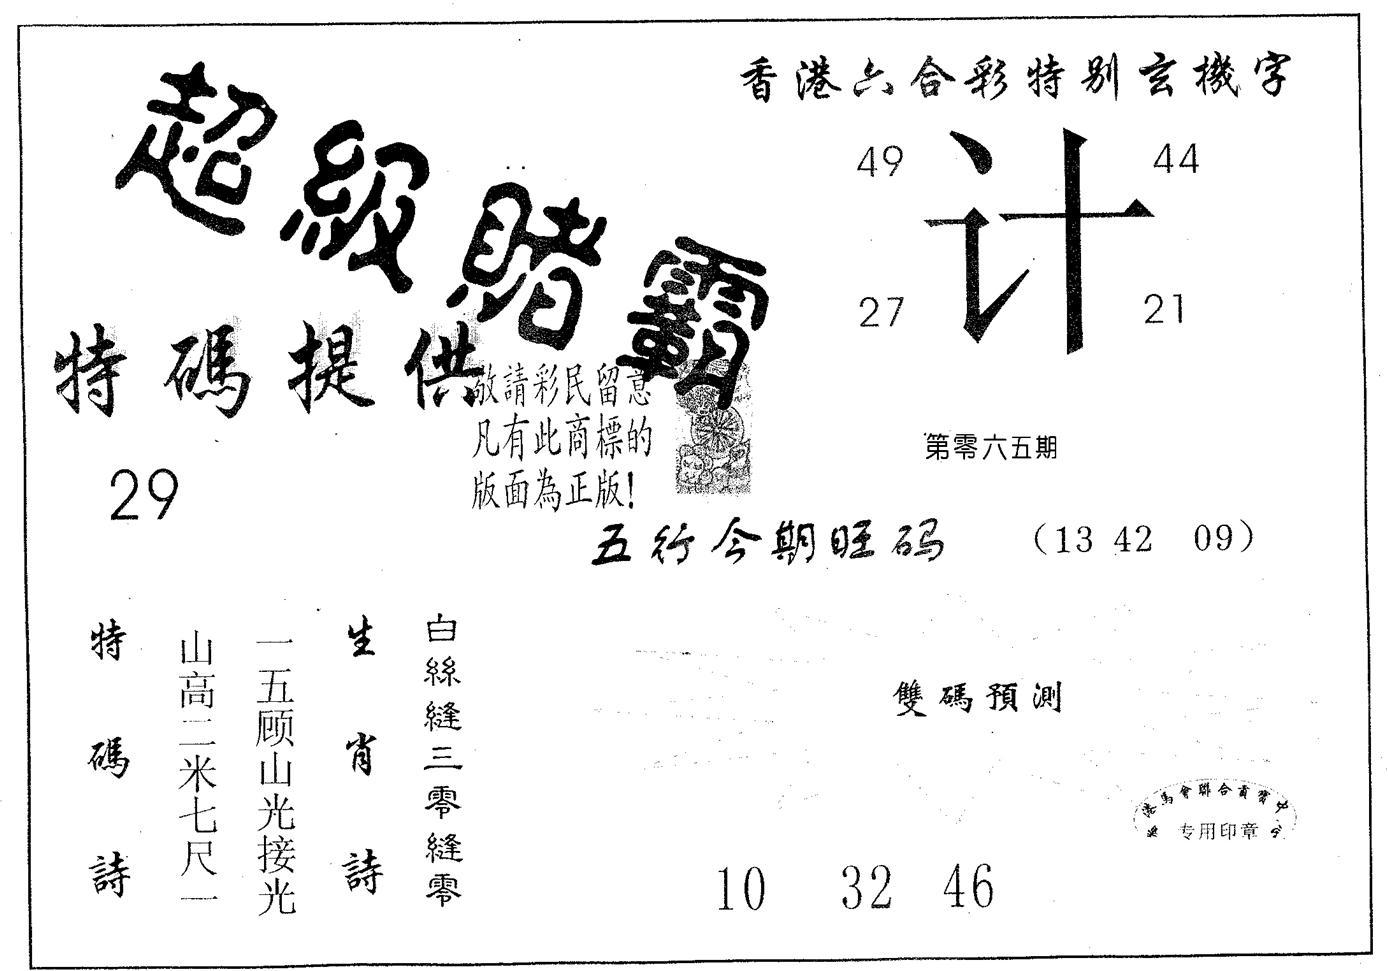 065期超极赌霸(黑白)